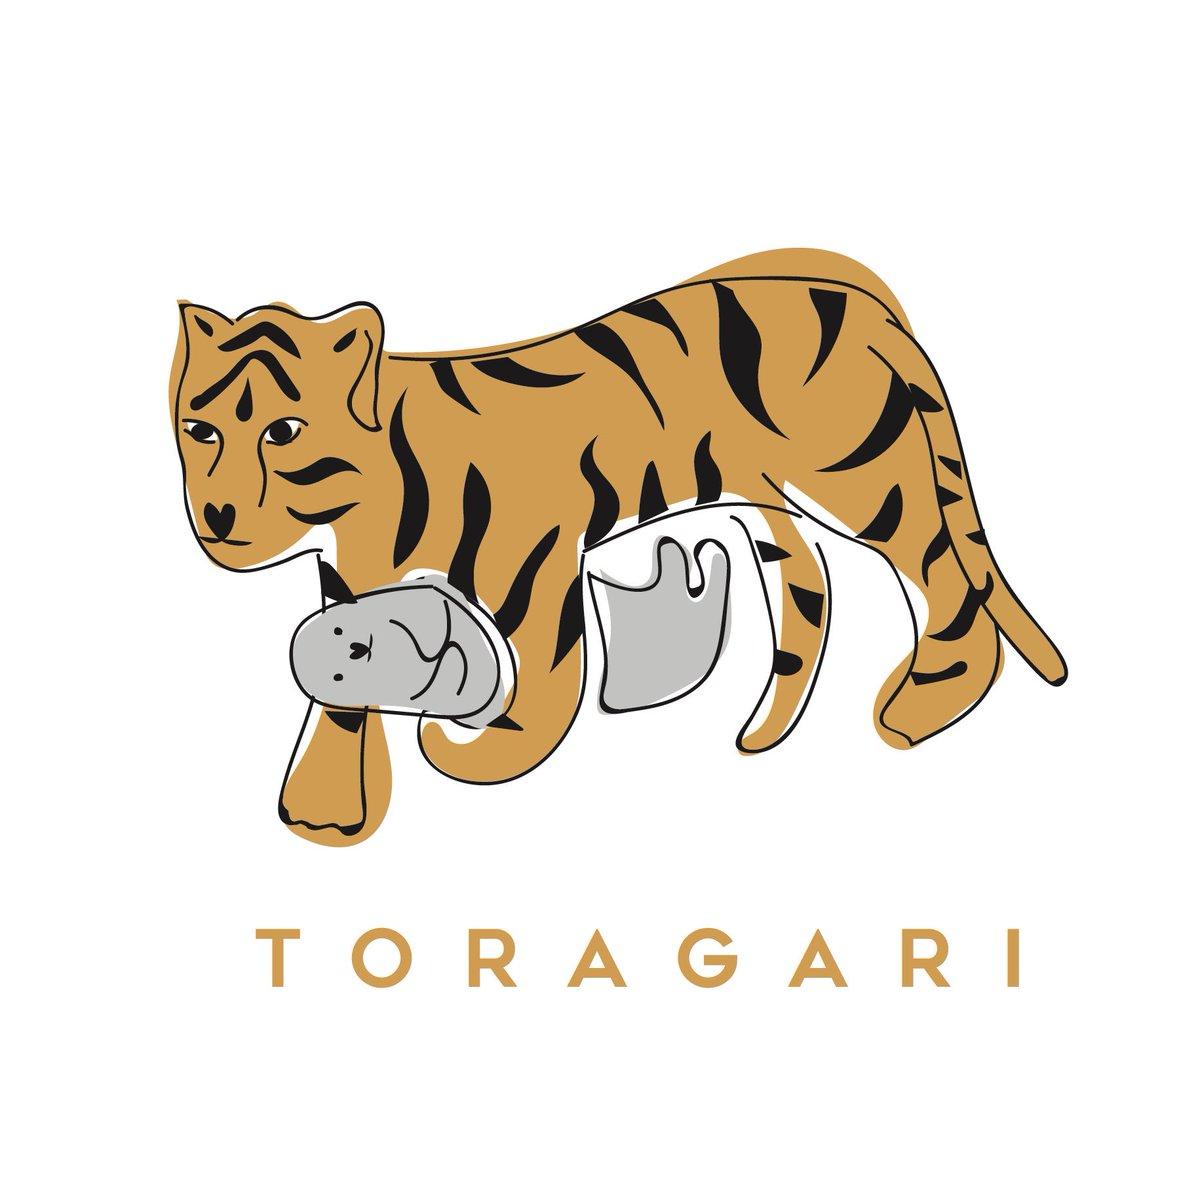 を 威 借る の 意味 虎 狐